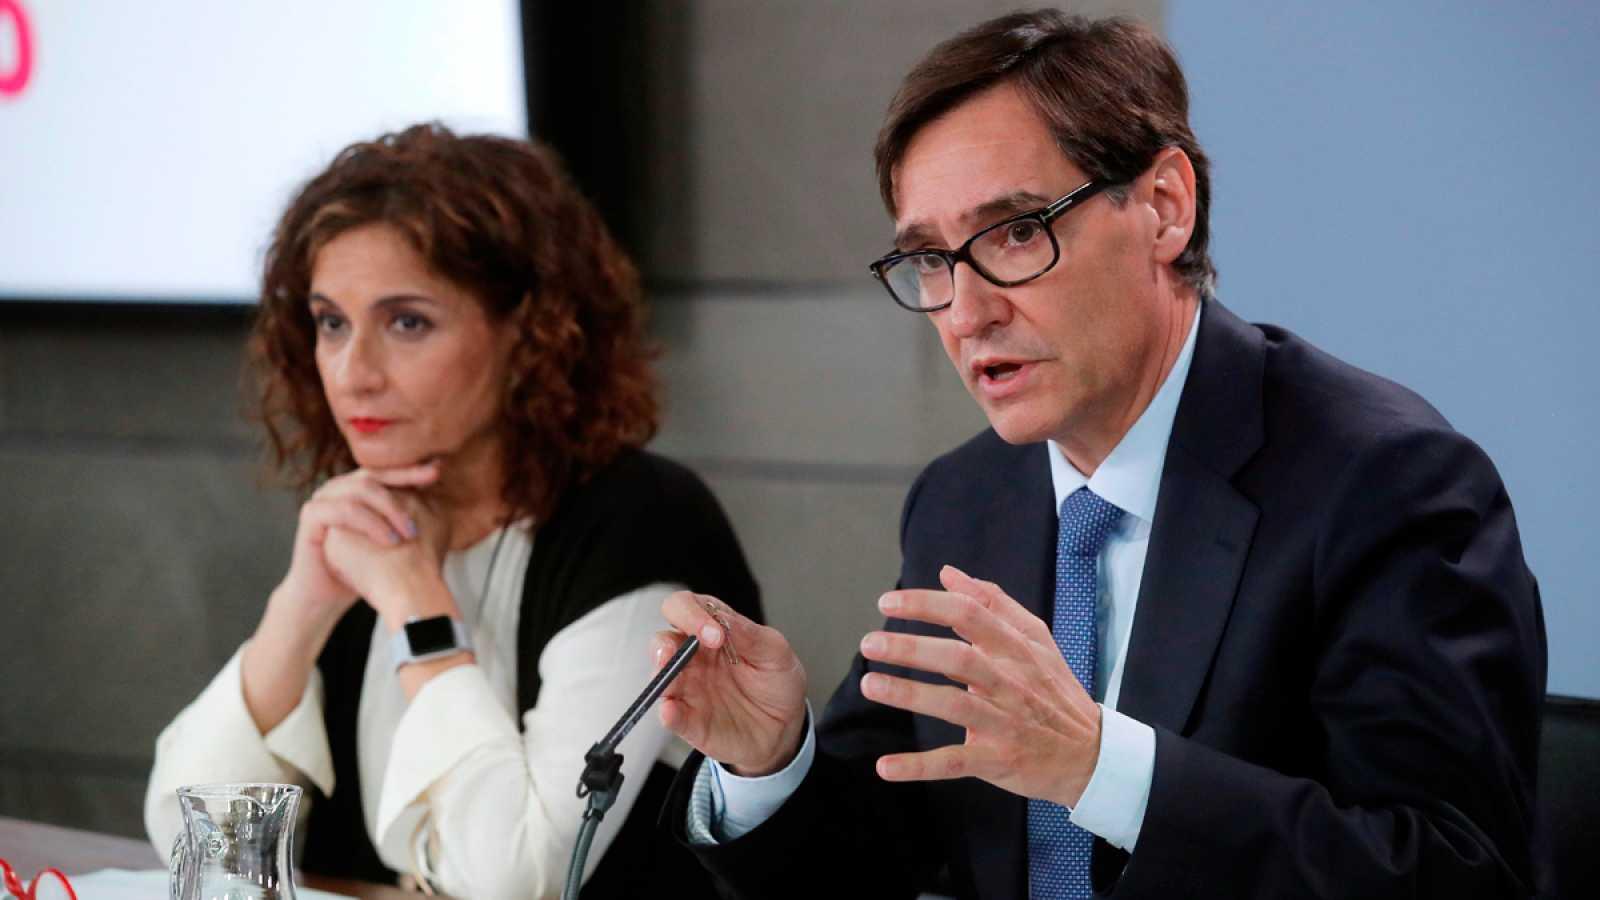 Medidas ante el coronavirus: El Gobierno suspende todos los vuelos entre España e Italia, los viajes del Imserso y las concentraciones multitudinarias